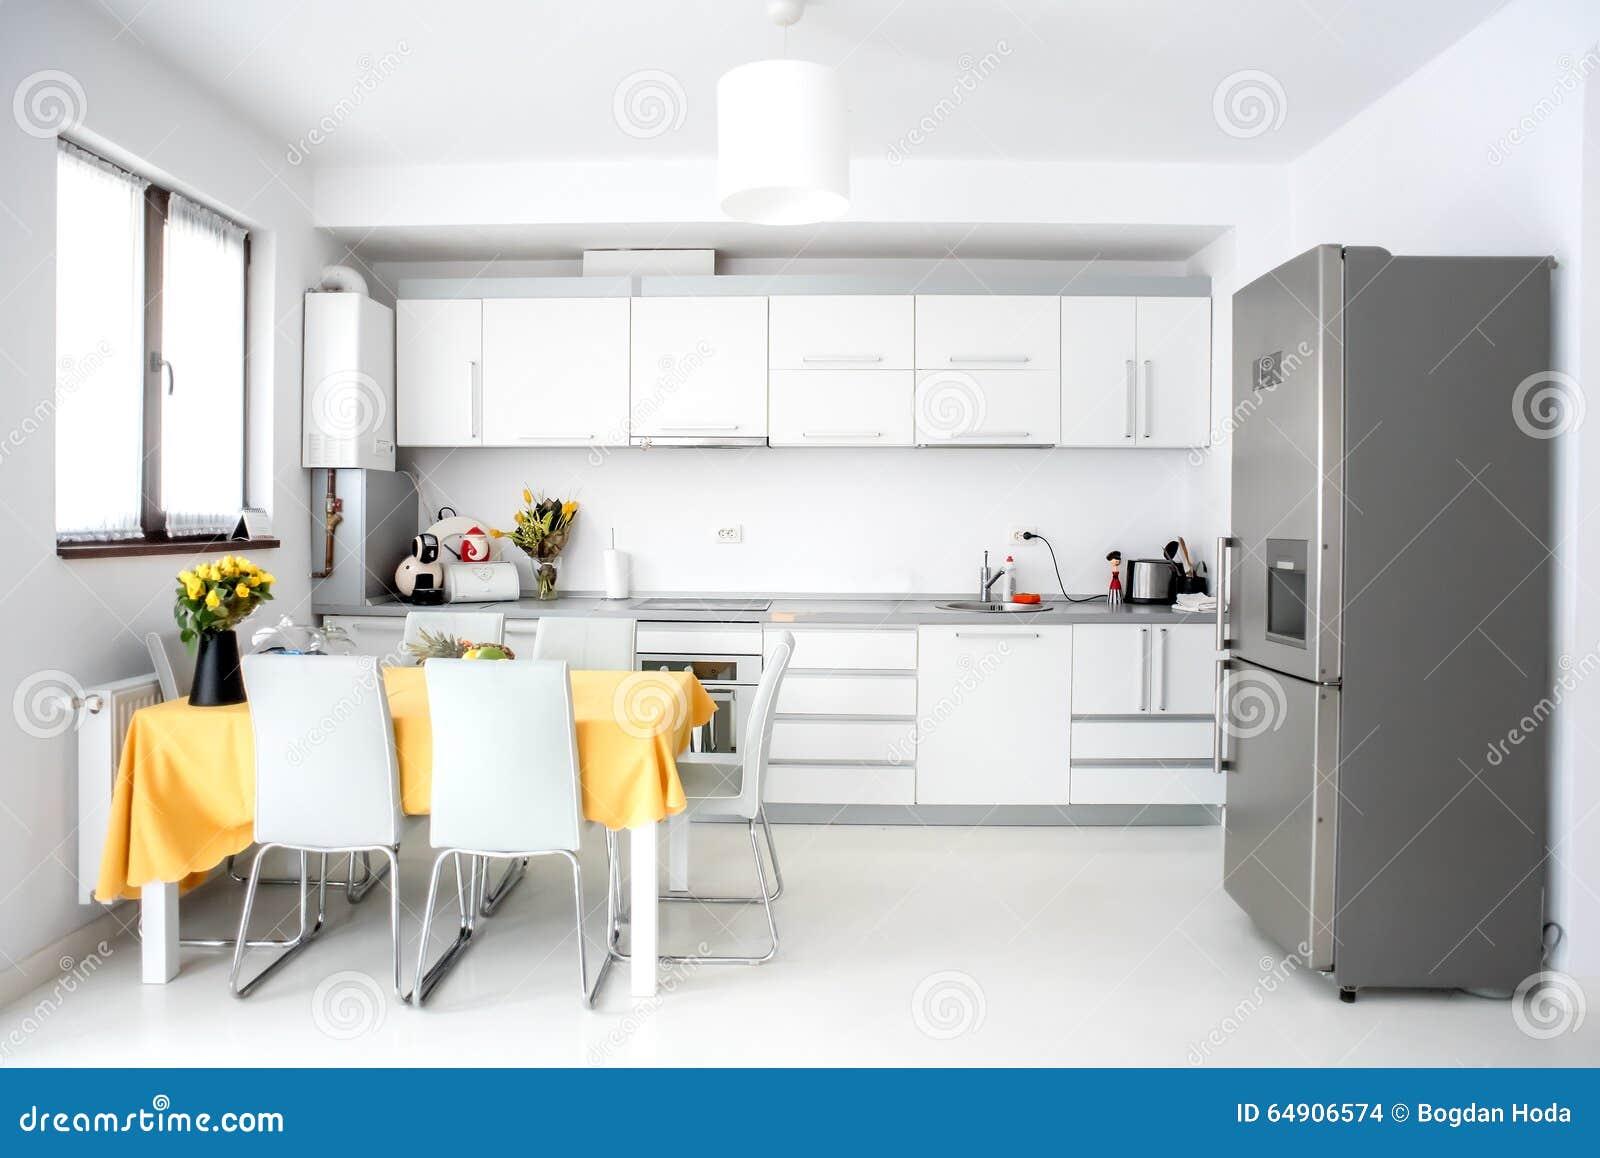 Εσωτερικό σχέδιο, σύγχρονη και μινιμαλιστική κουζίνα με τις συσκευές και τον πίνακα Ανοιχτός χώρος στο καθιστικό, μινιμαλιστικό ν